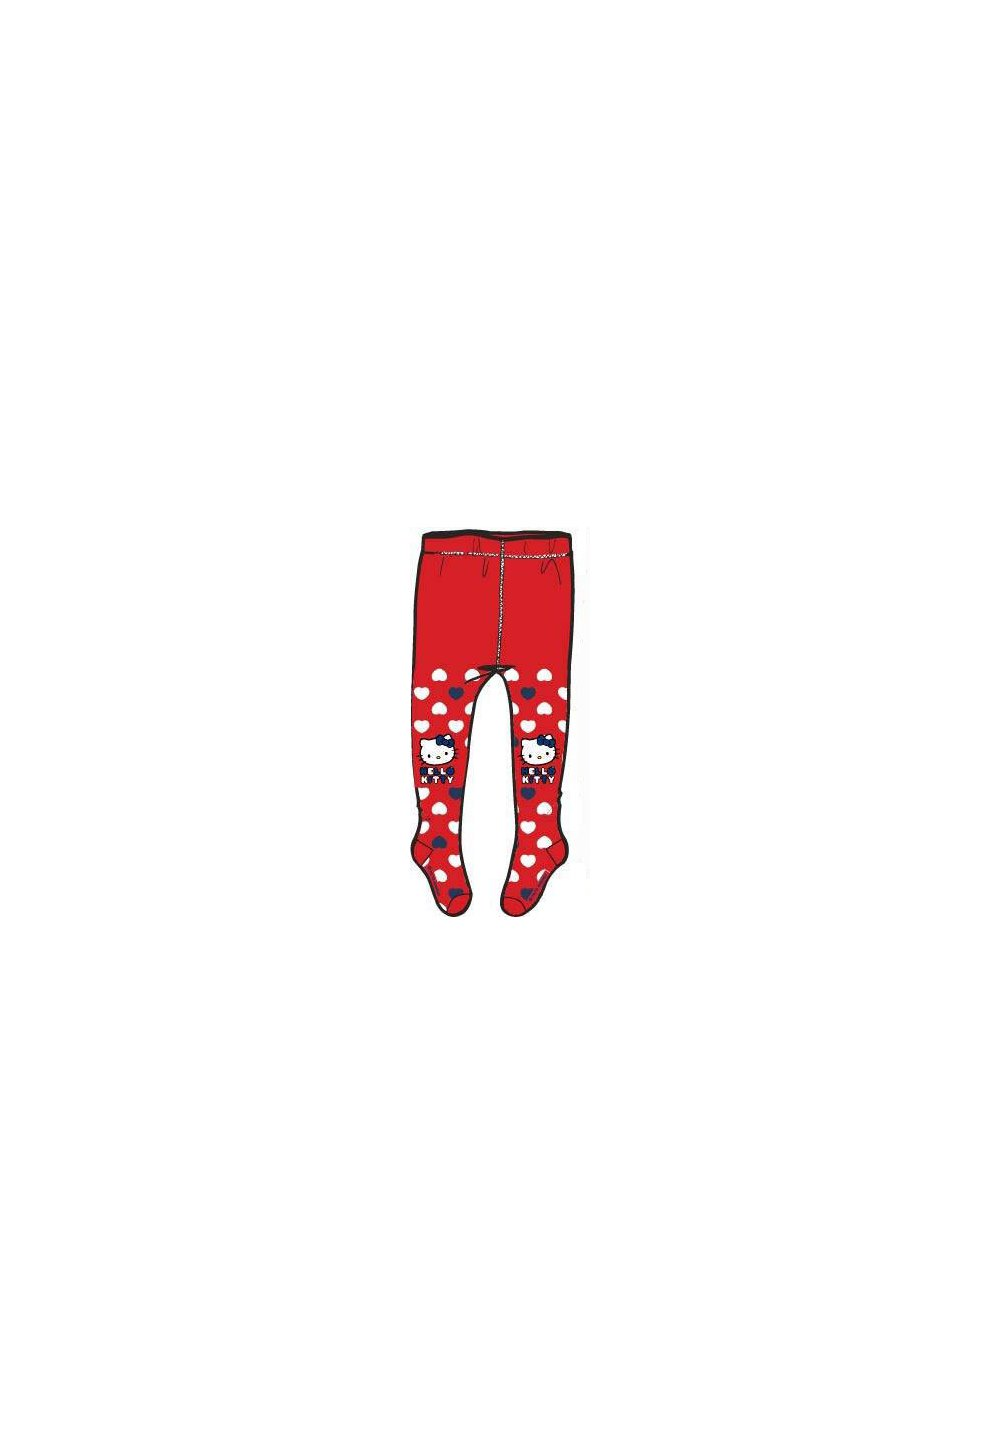 Ciorapi cu chilot rosii HK9288 imagine